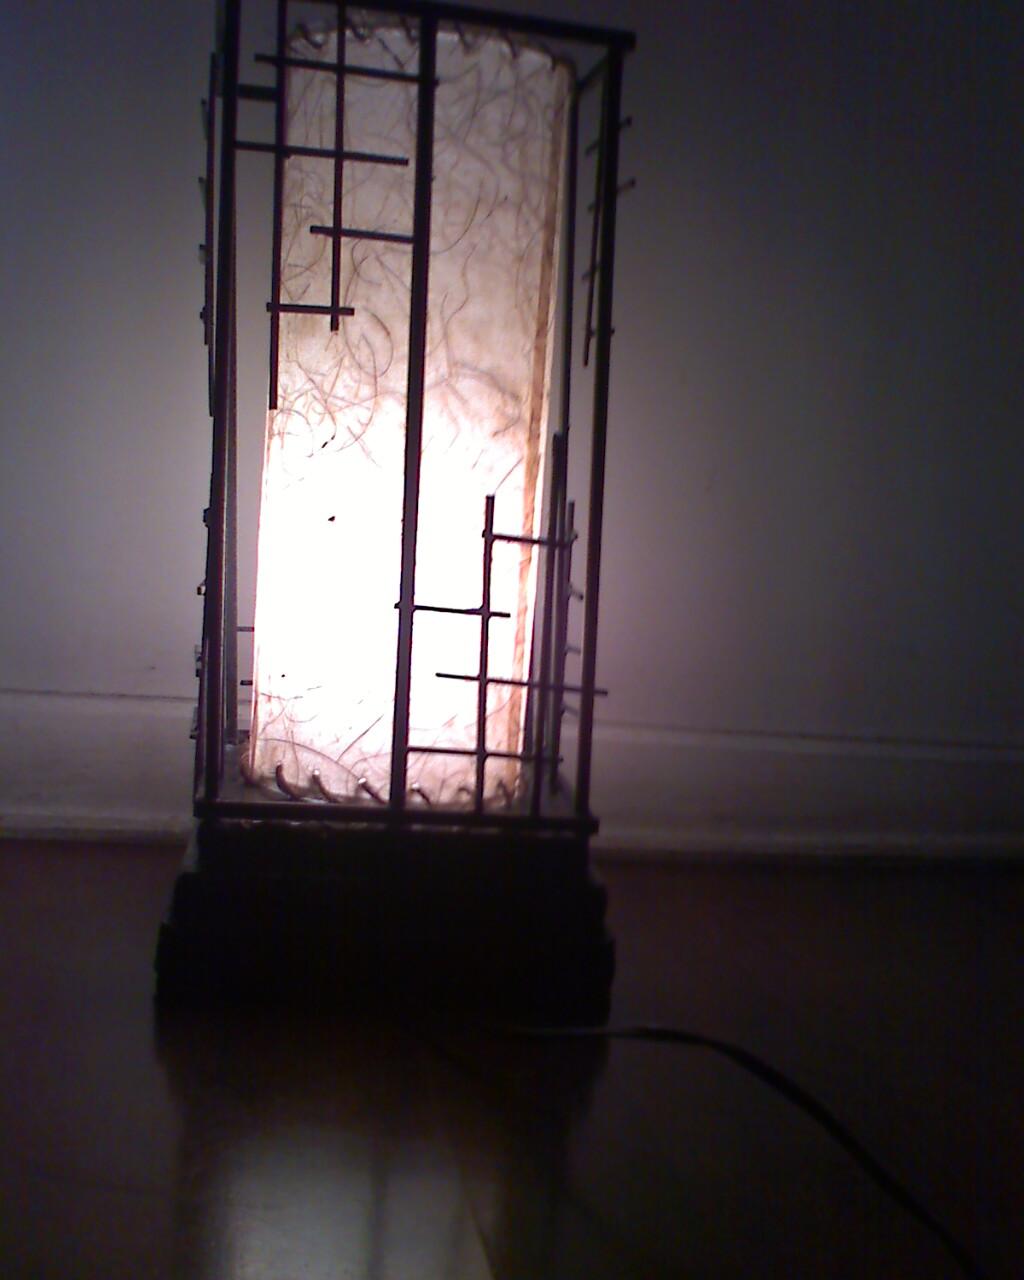 Artesanias kenika fanales y lamparas for Lamparas diseno imitacion